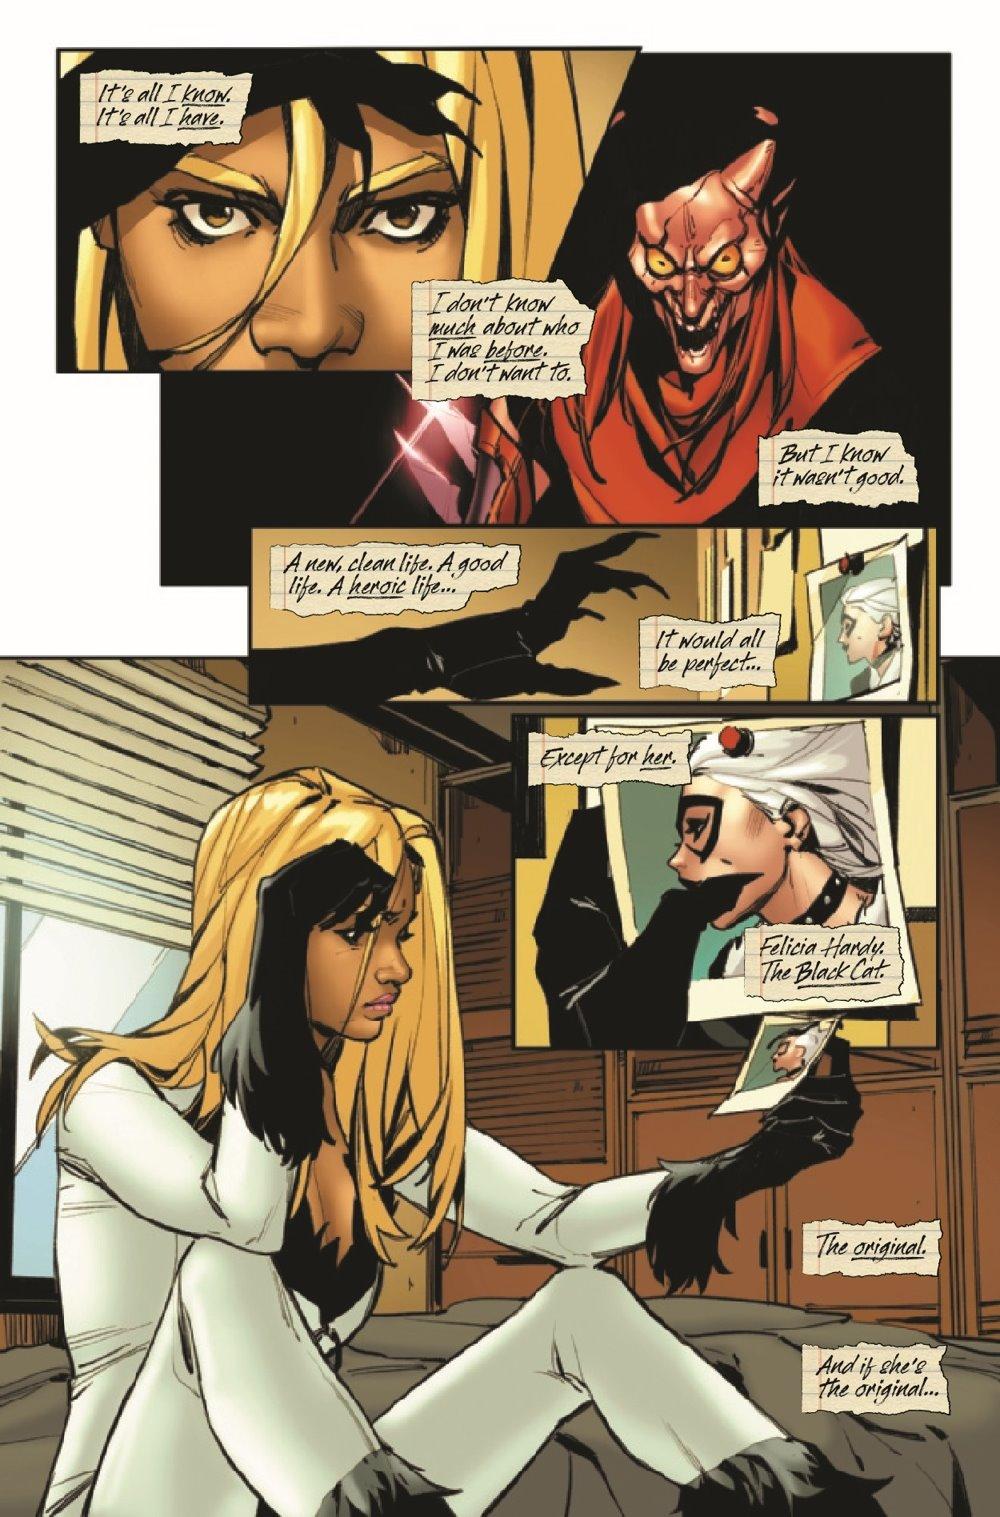 BLACKCAT2020004_Preview-4 ComicList Previews: BLACK CAT #4